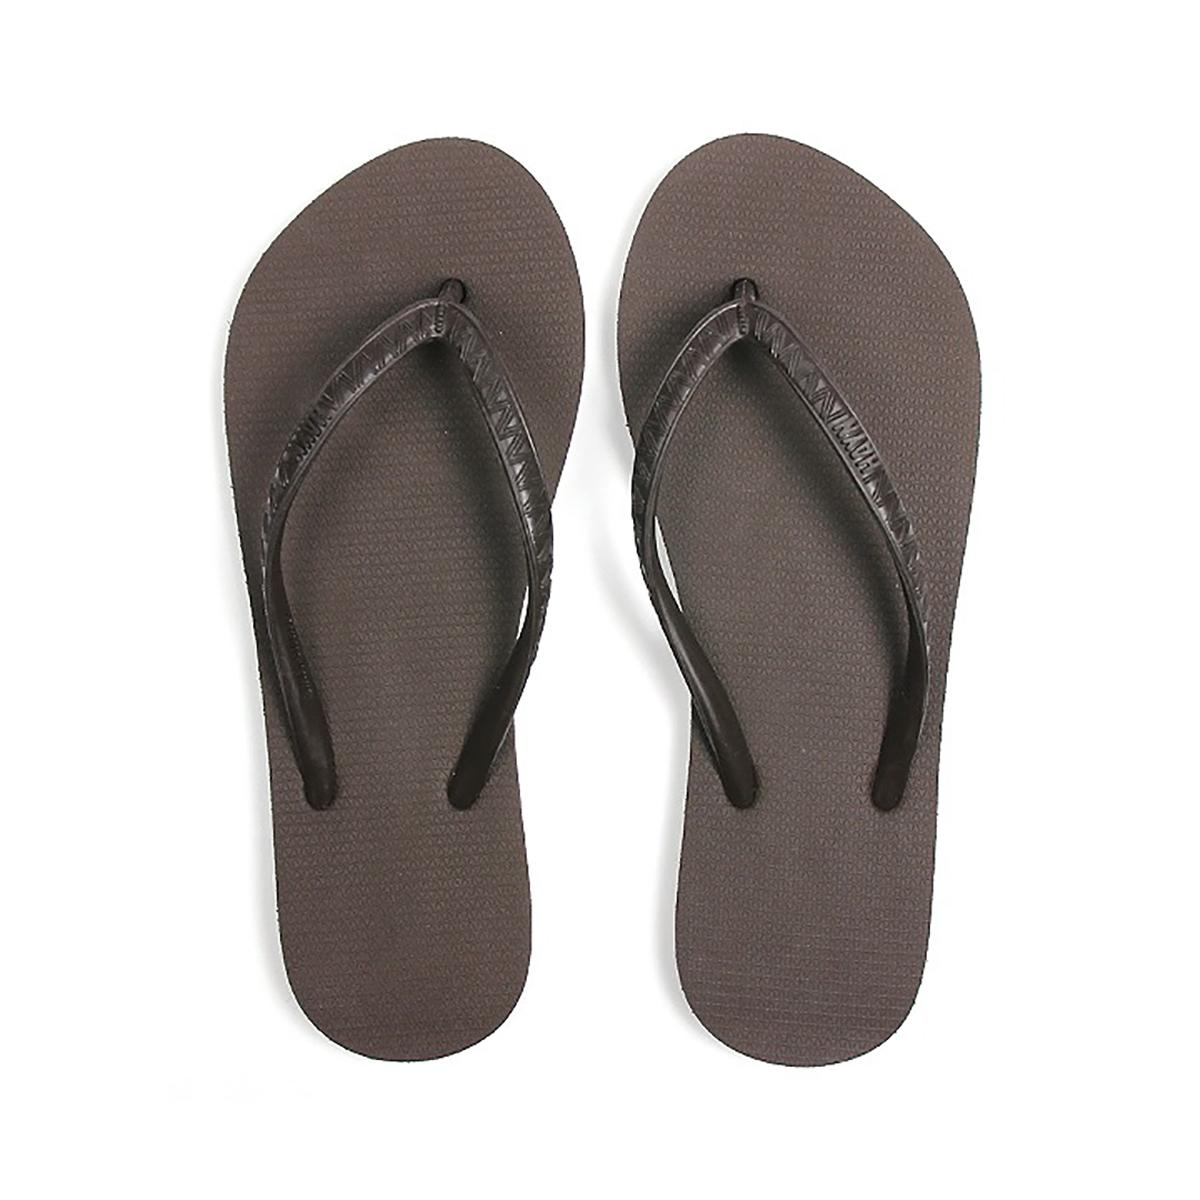 ハワイ生まれのLOHASなビーチサンダル|CORE (WOMEN) Kona Coffe | 足も心も気持ちいい、ハワイ生まれのビーチサンダル